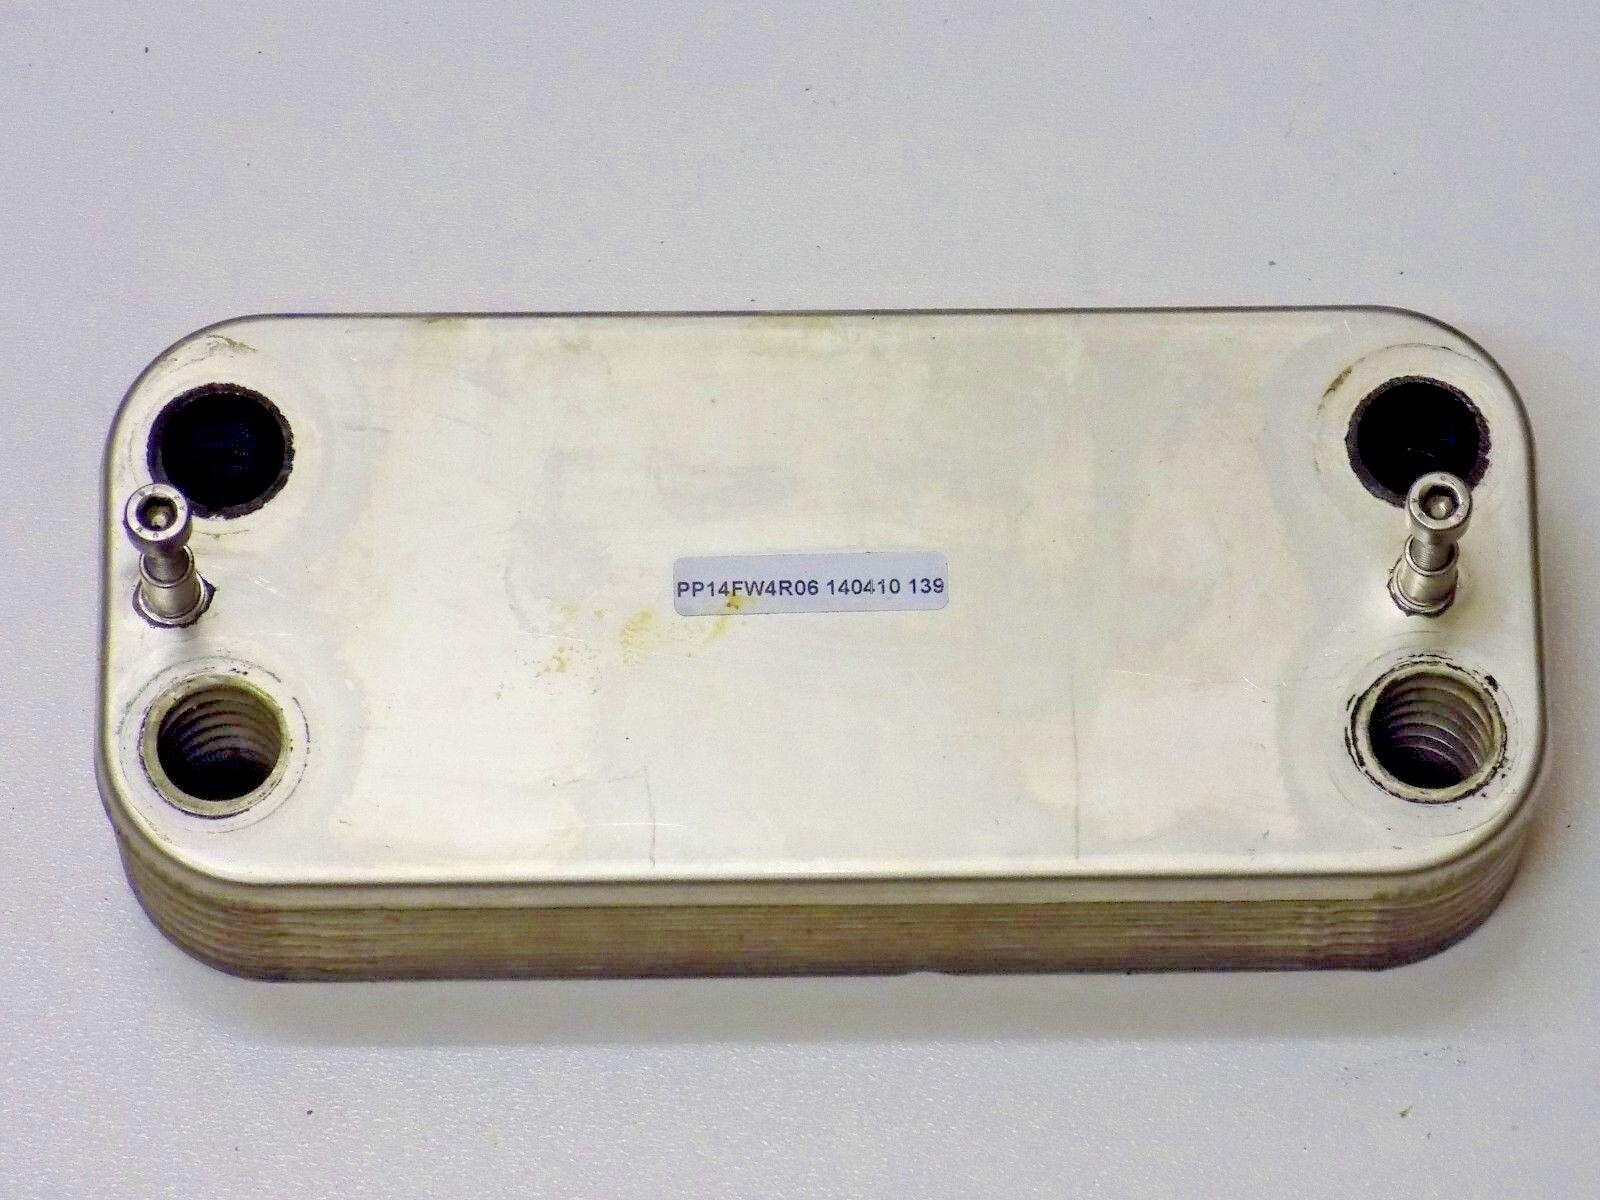 LED 2-fl Deckenstrahler inkl Nickel matt // Glas weiß Trio-Leuchten